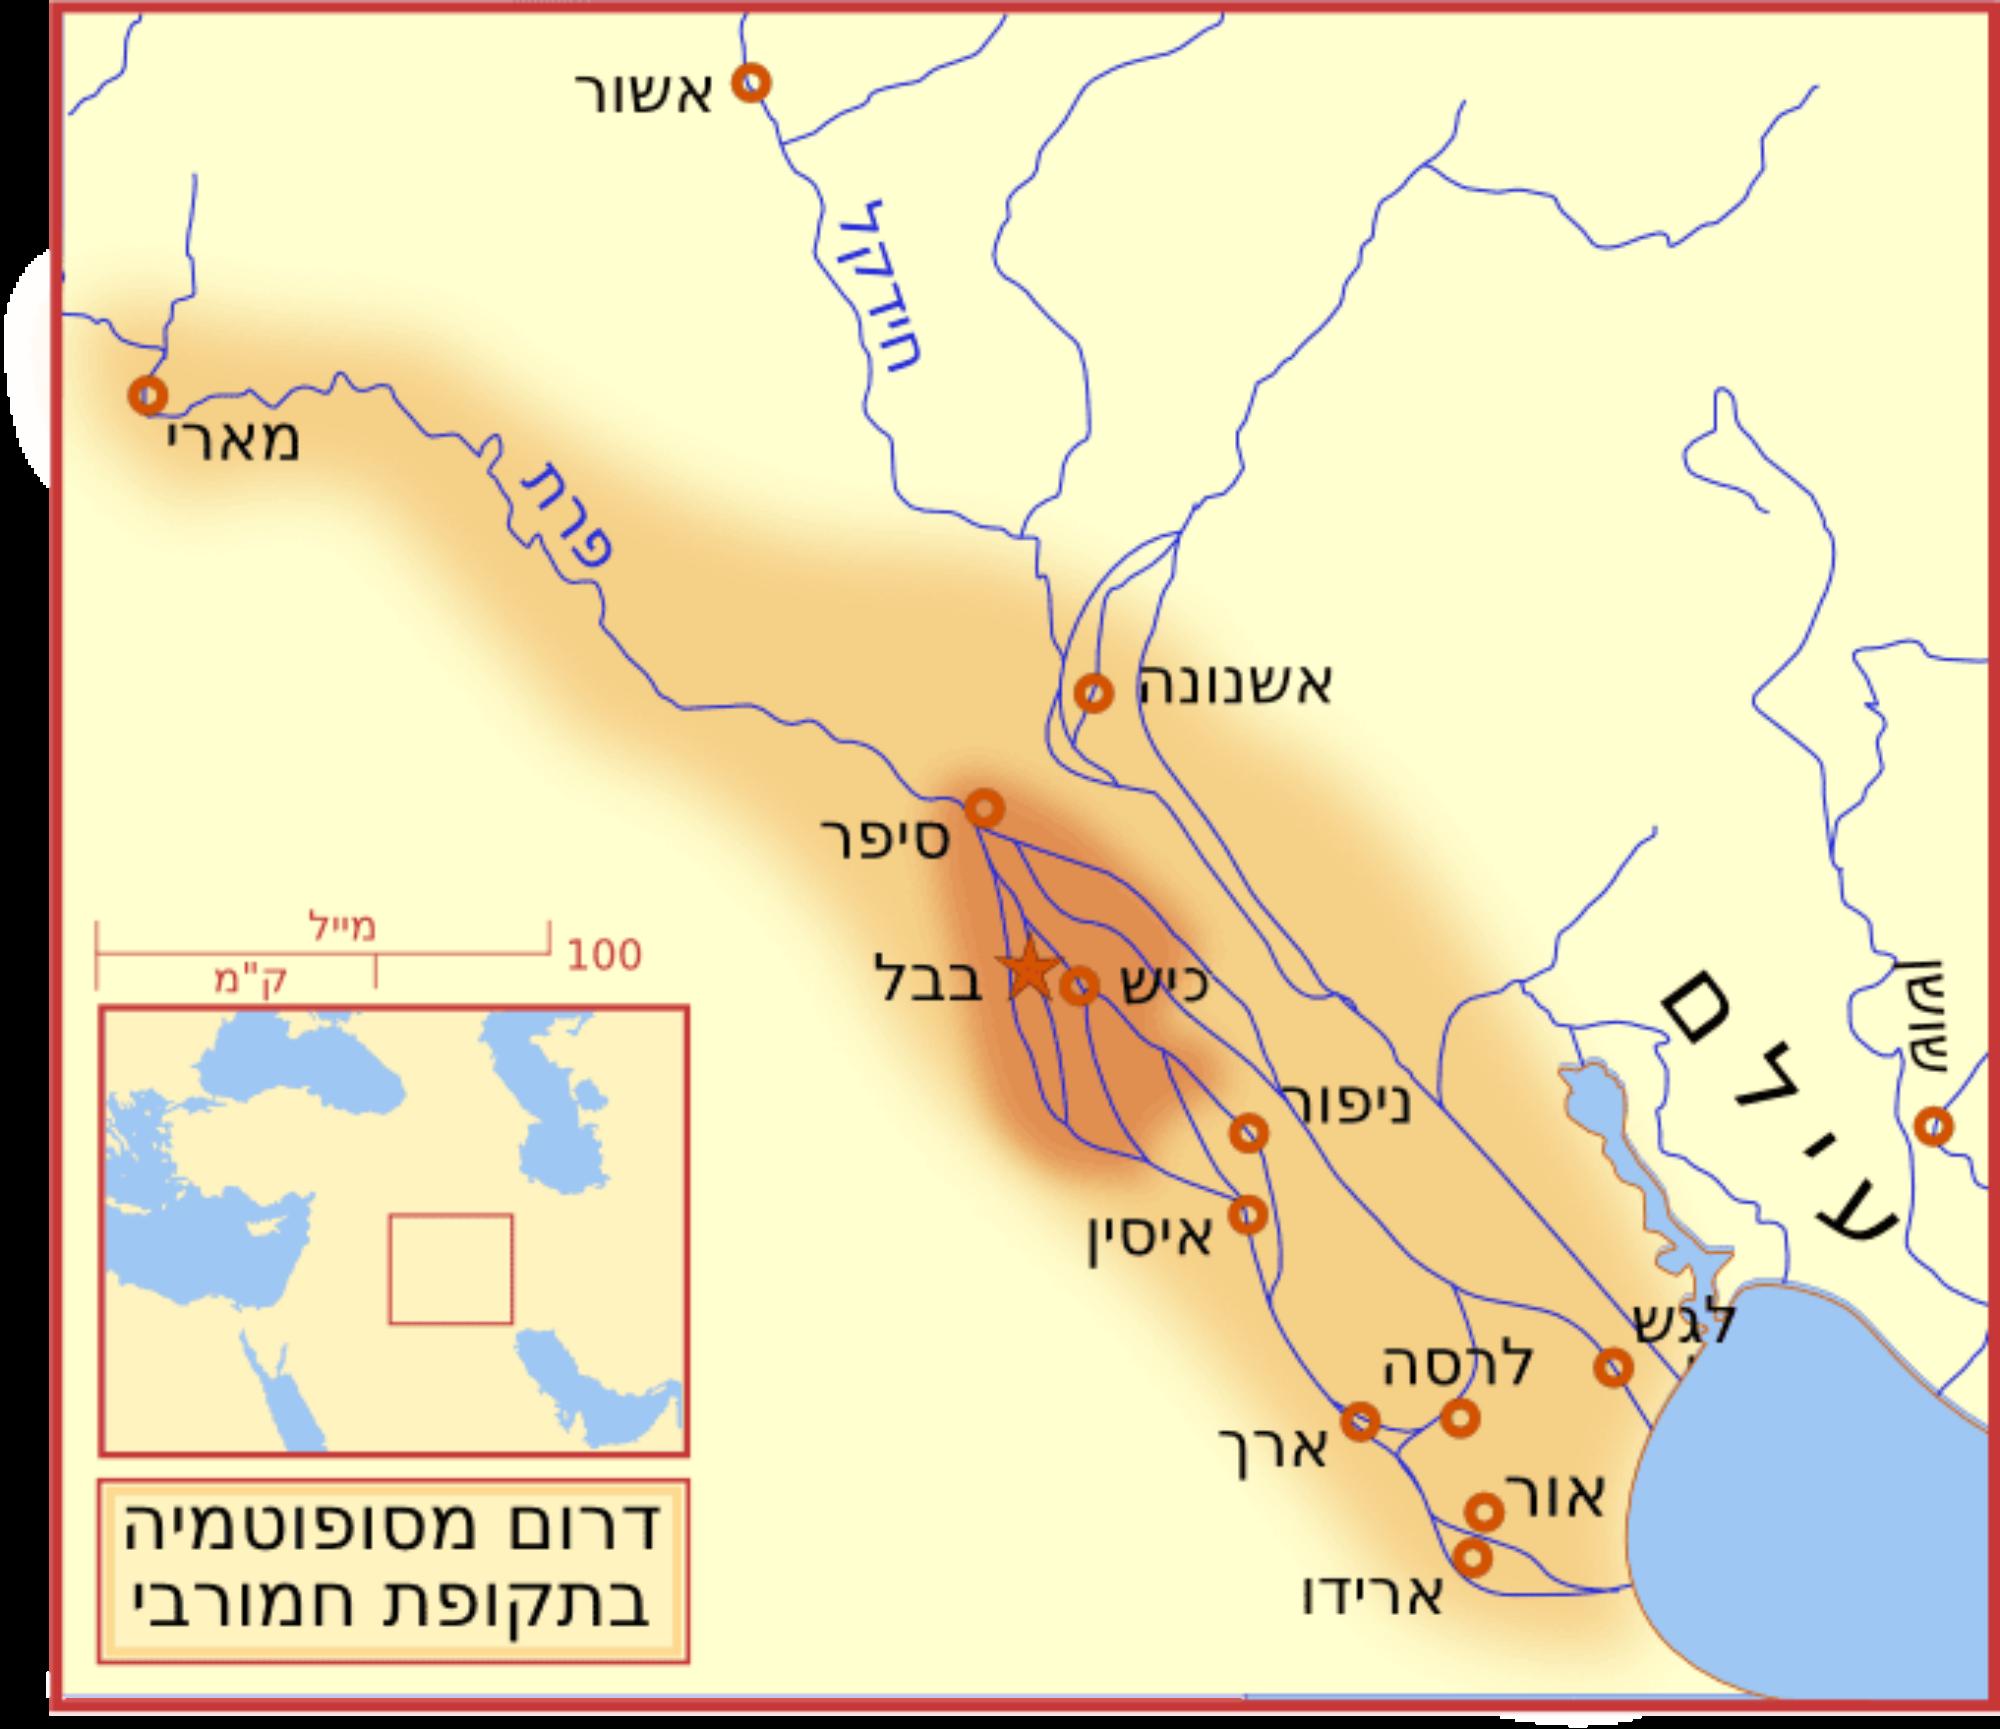 מוגן: פעילות בנושא זכרון לאומי (ירושלים בתהלים)